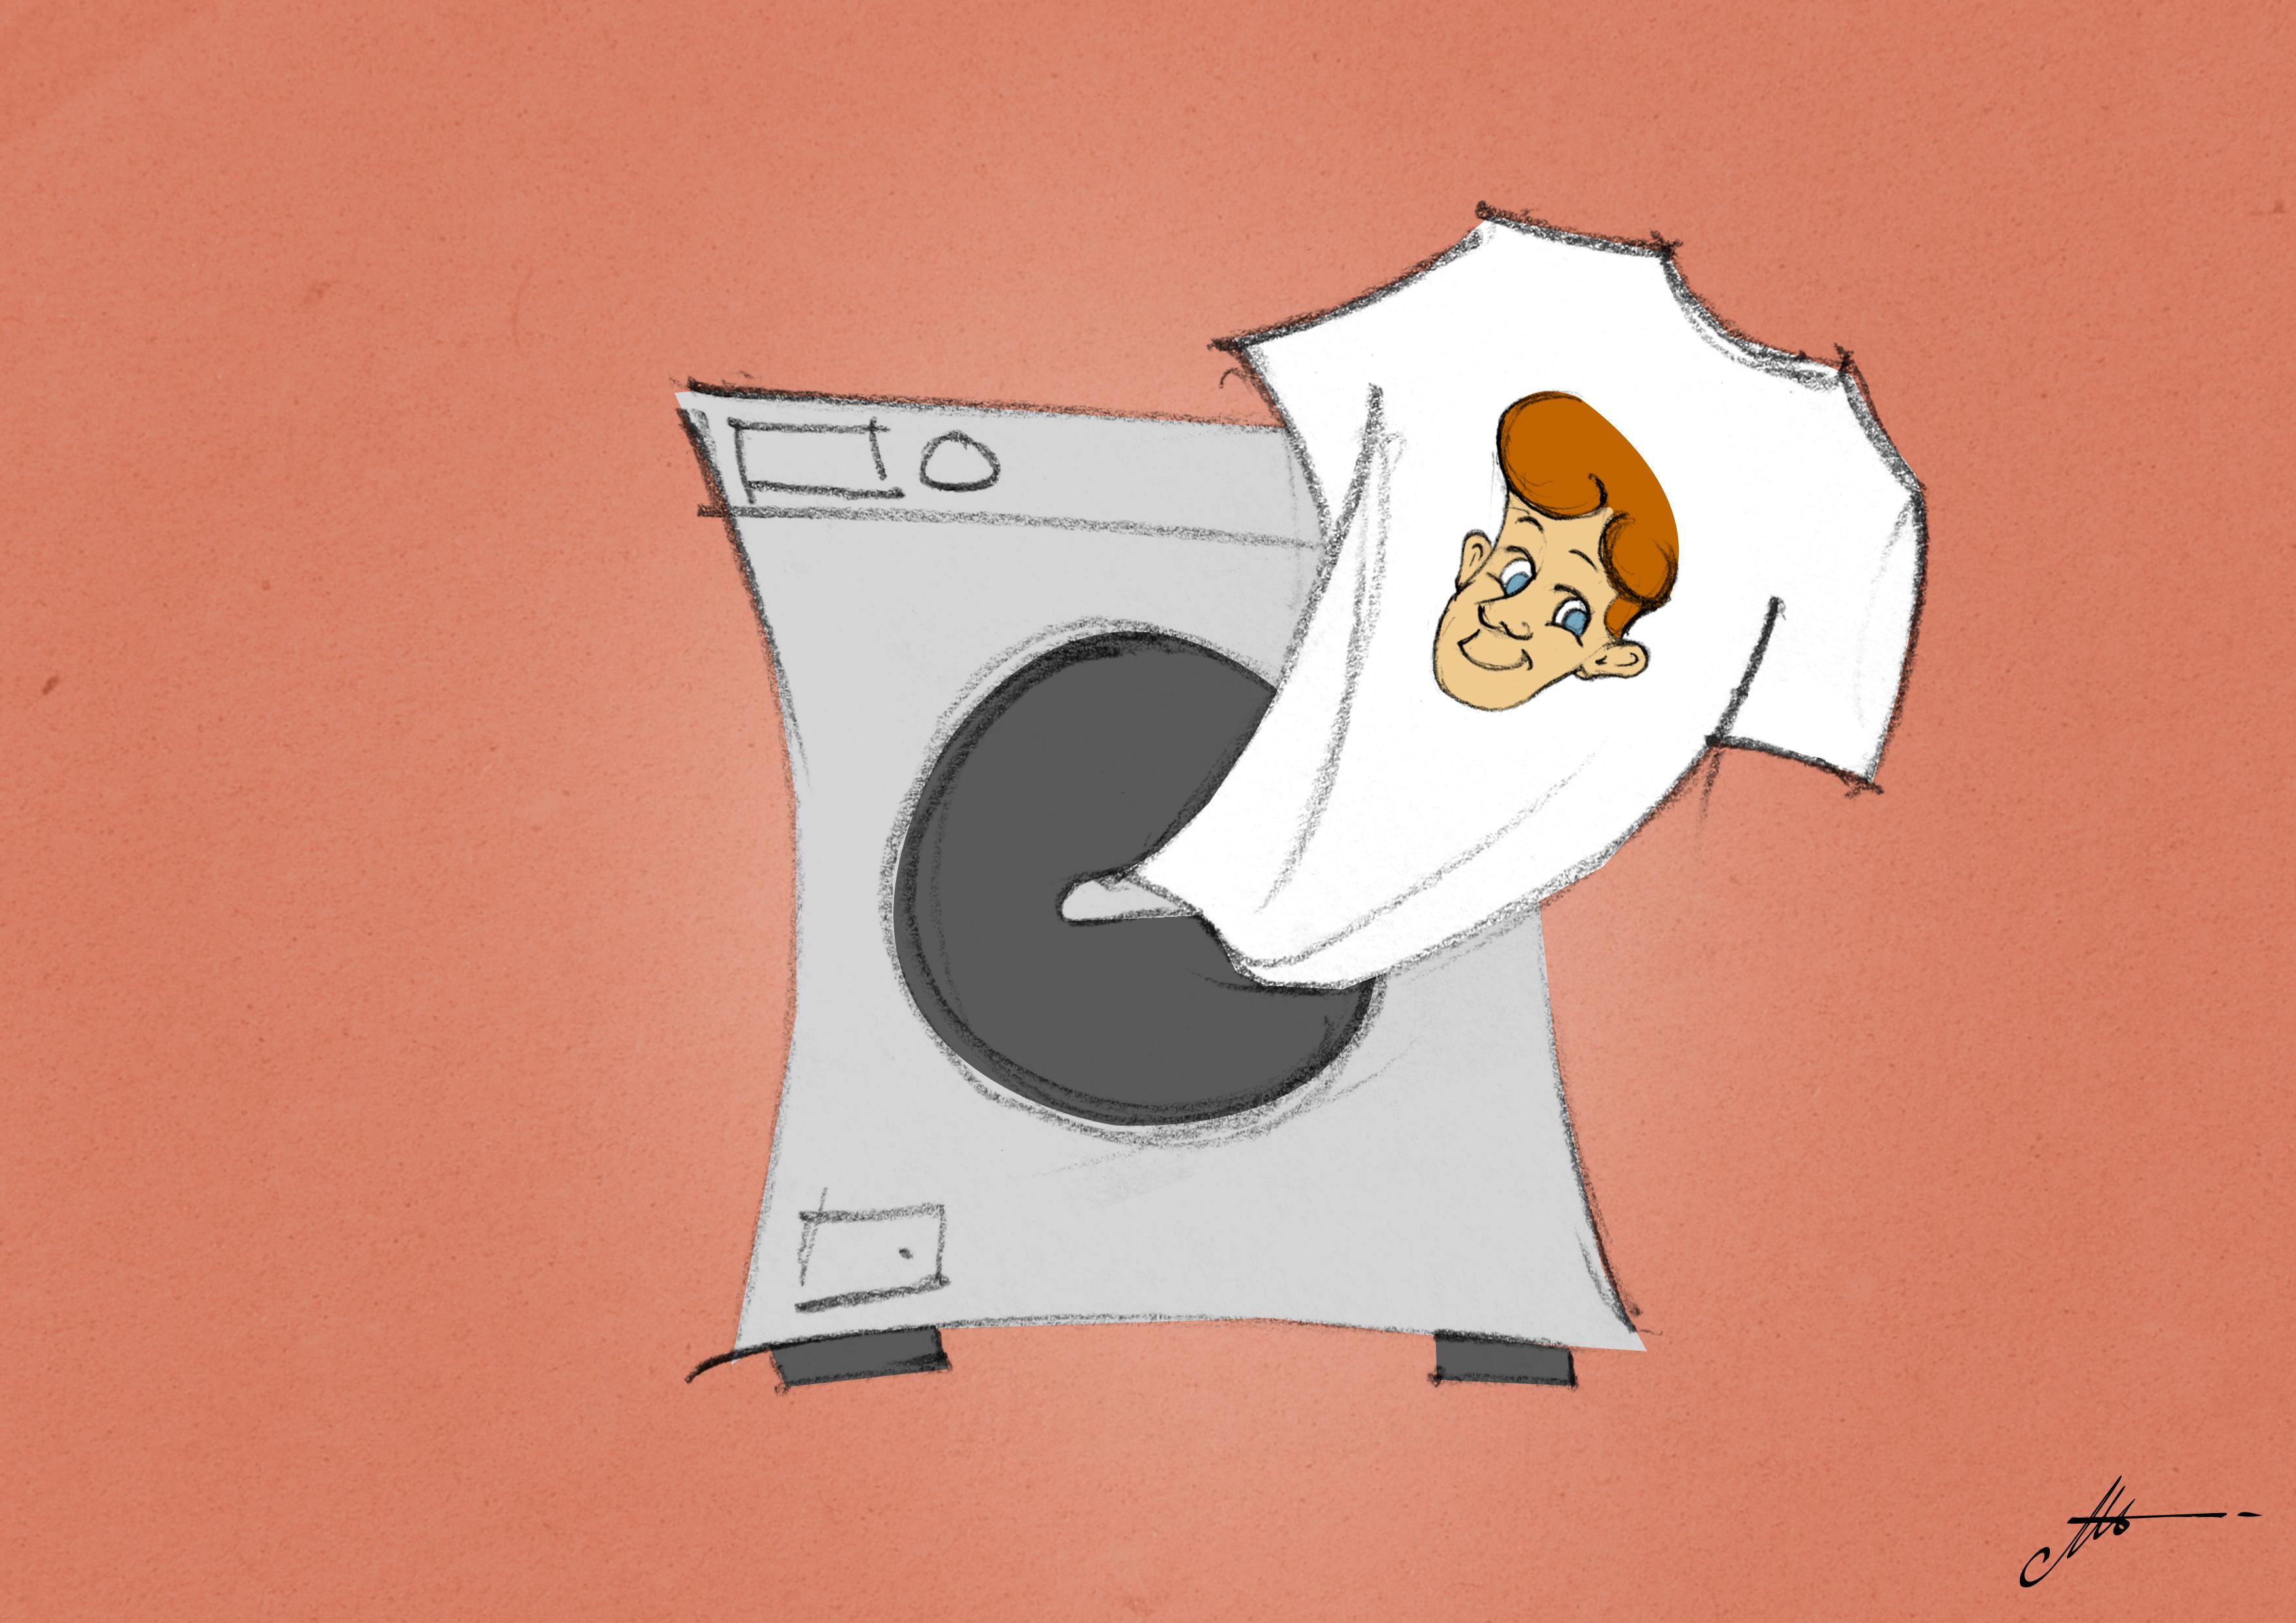 inchiostri ad acqua lavaggio in lavatrice